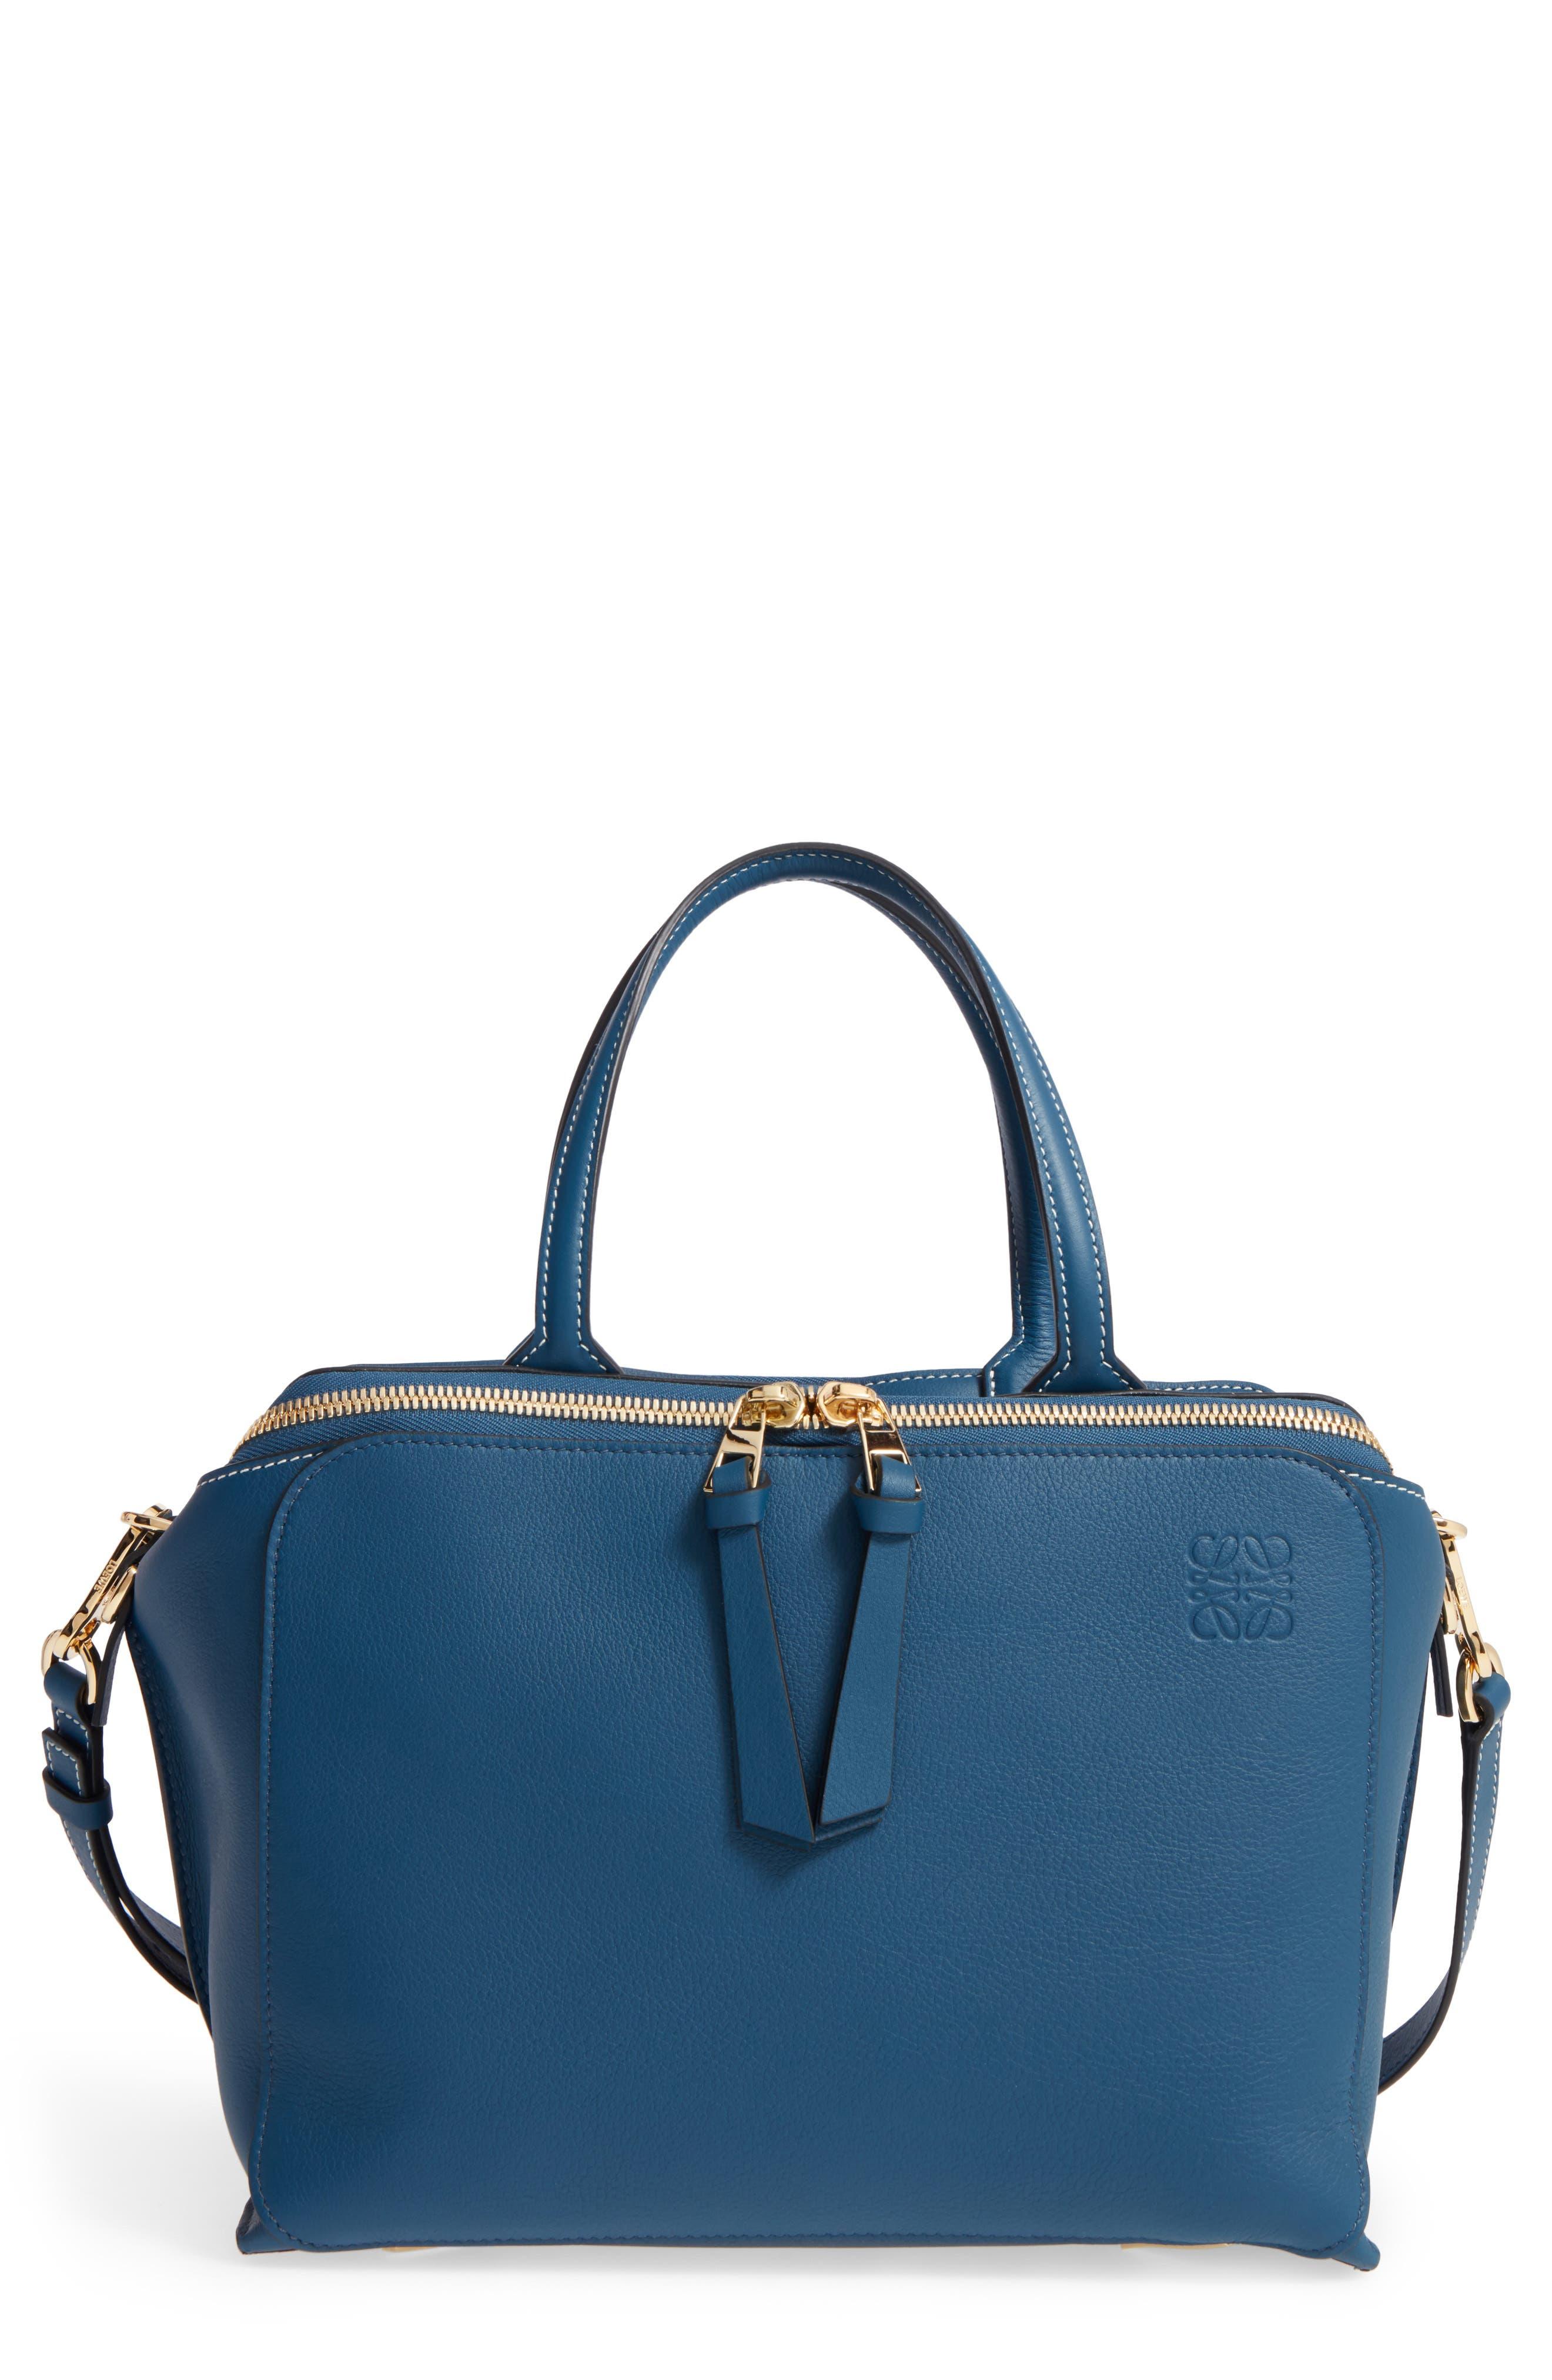 loewe triple zip calfkin satchel